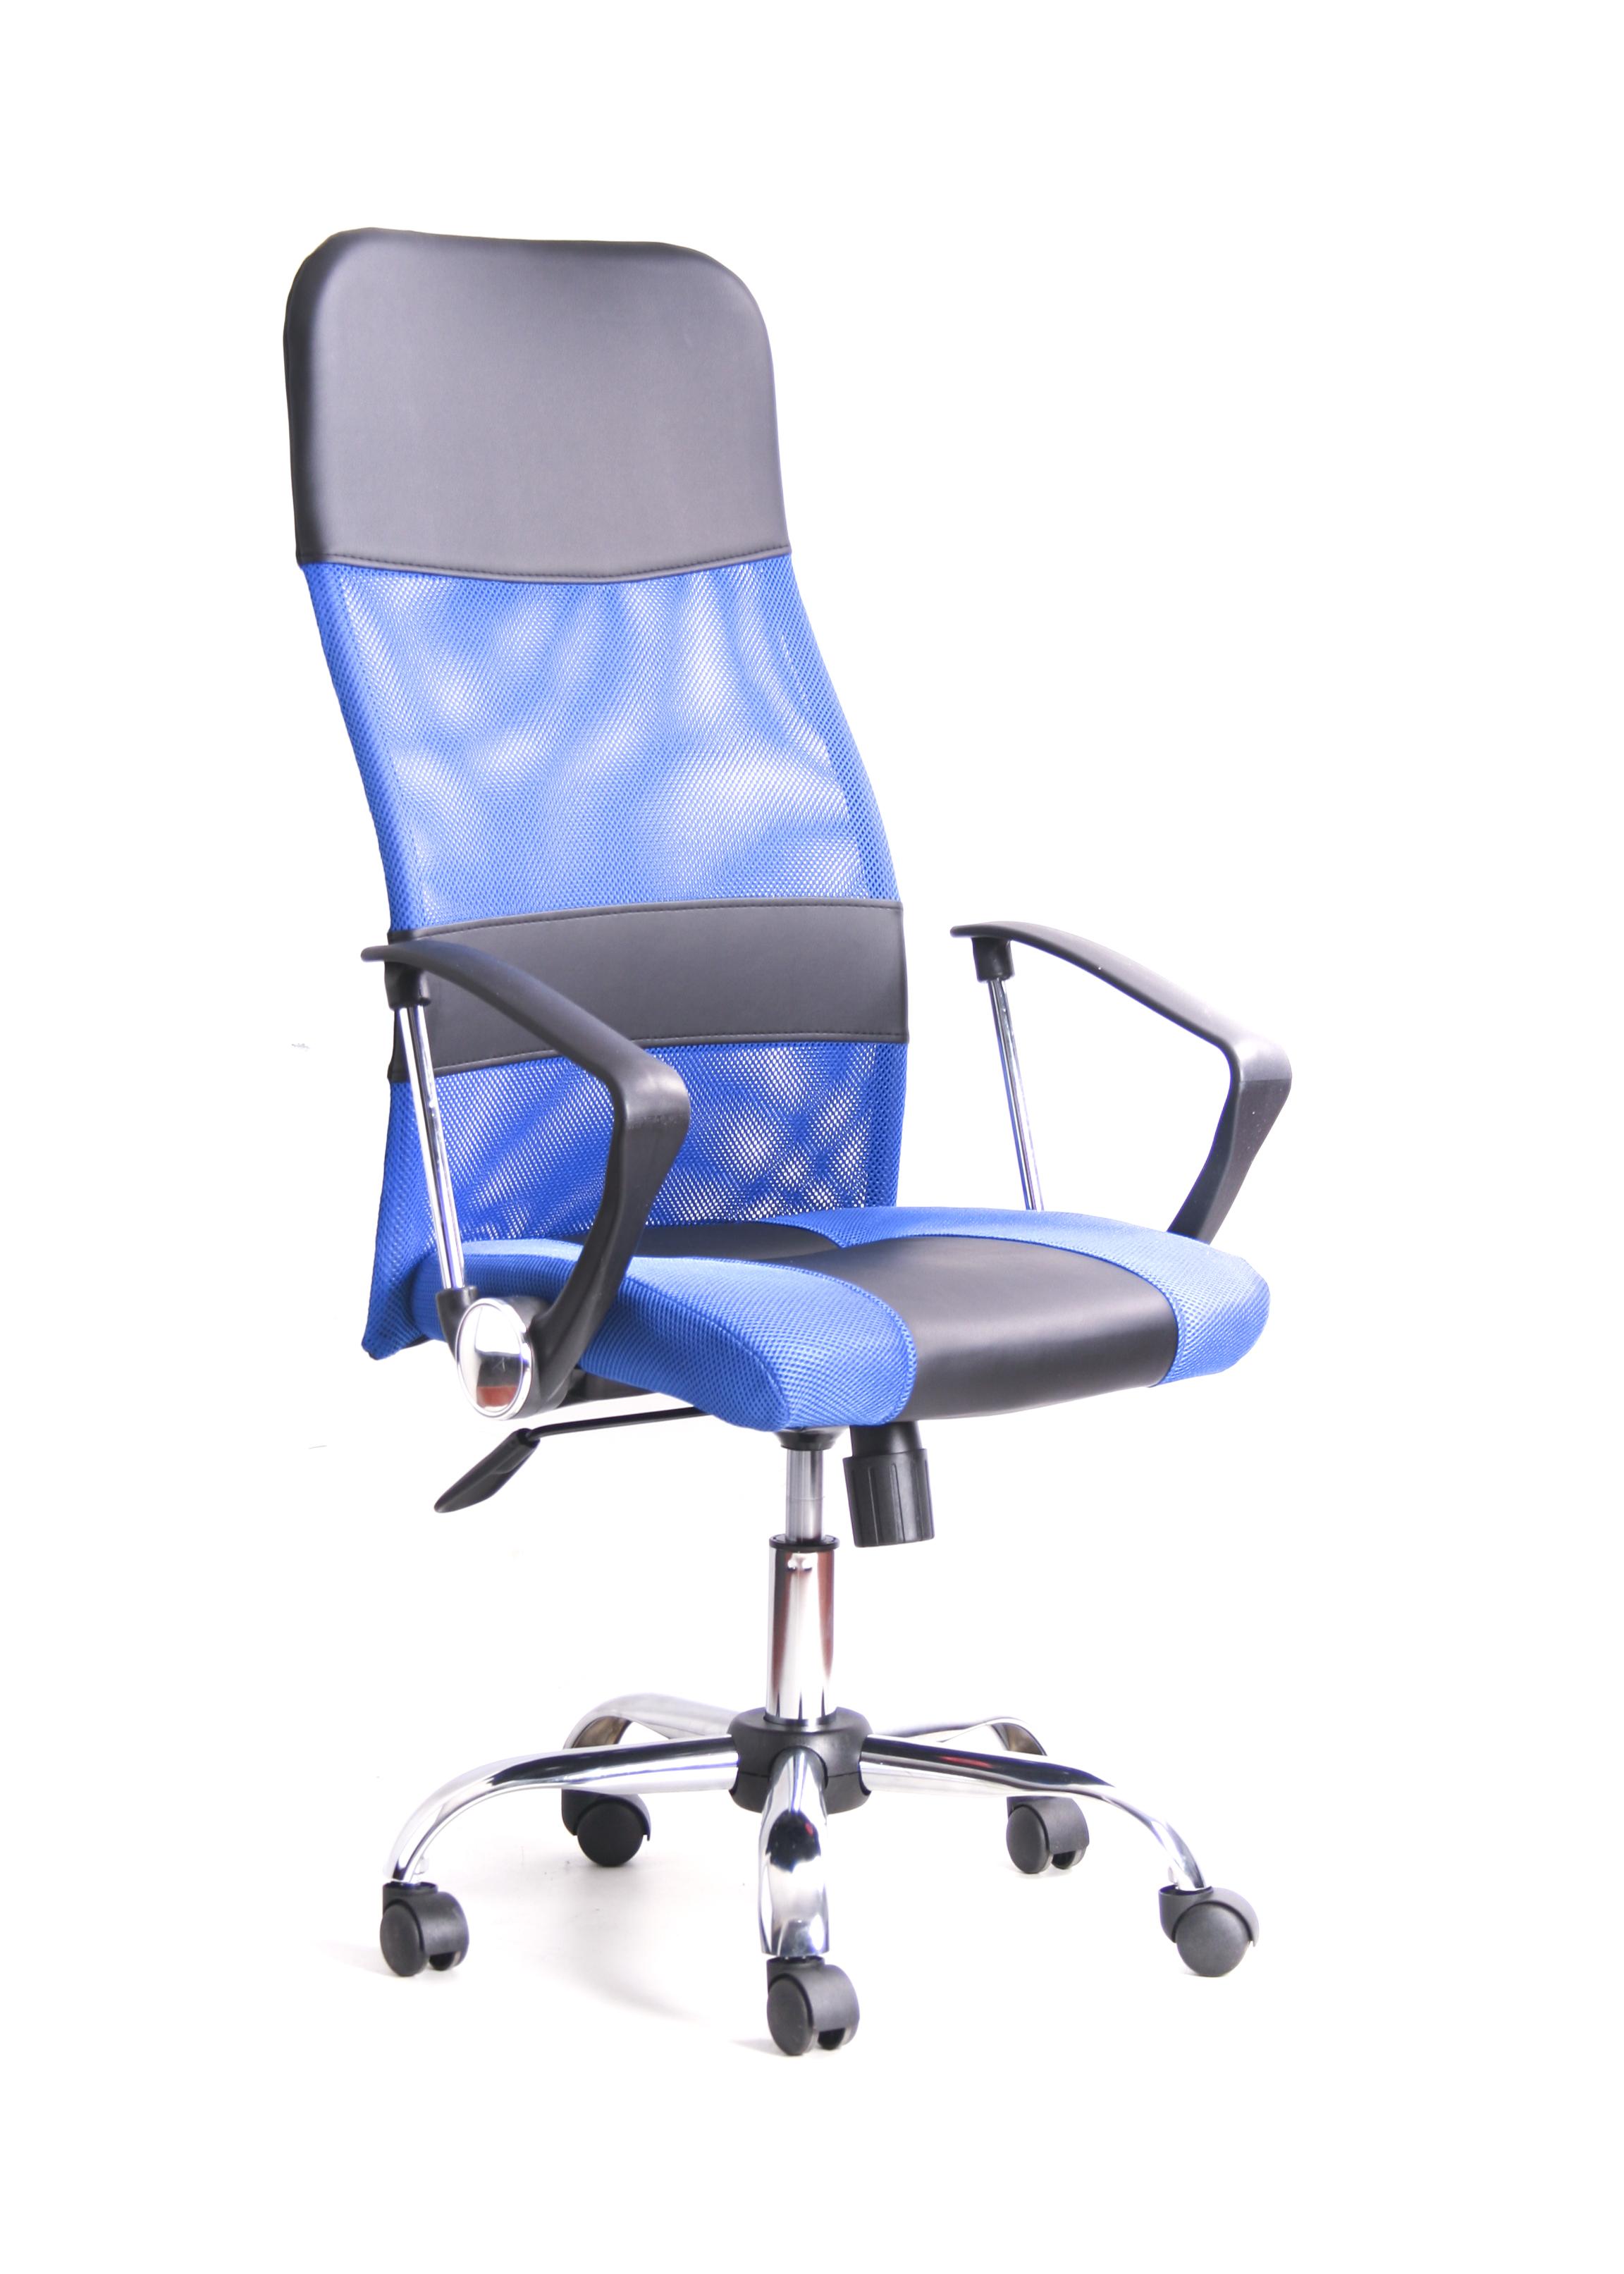 купить Кресло Recardo Smart Синий сетка/кожа, 120кг, газлифт/качание/откидывание по цене 5490 рублей